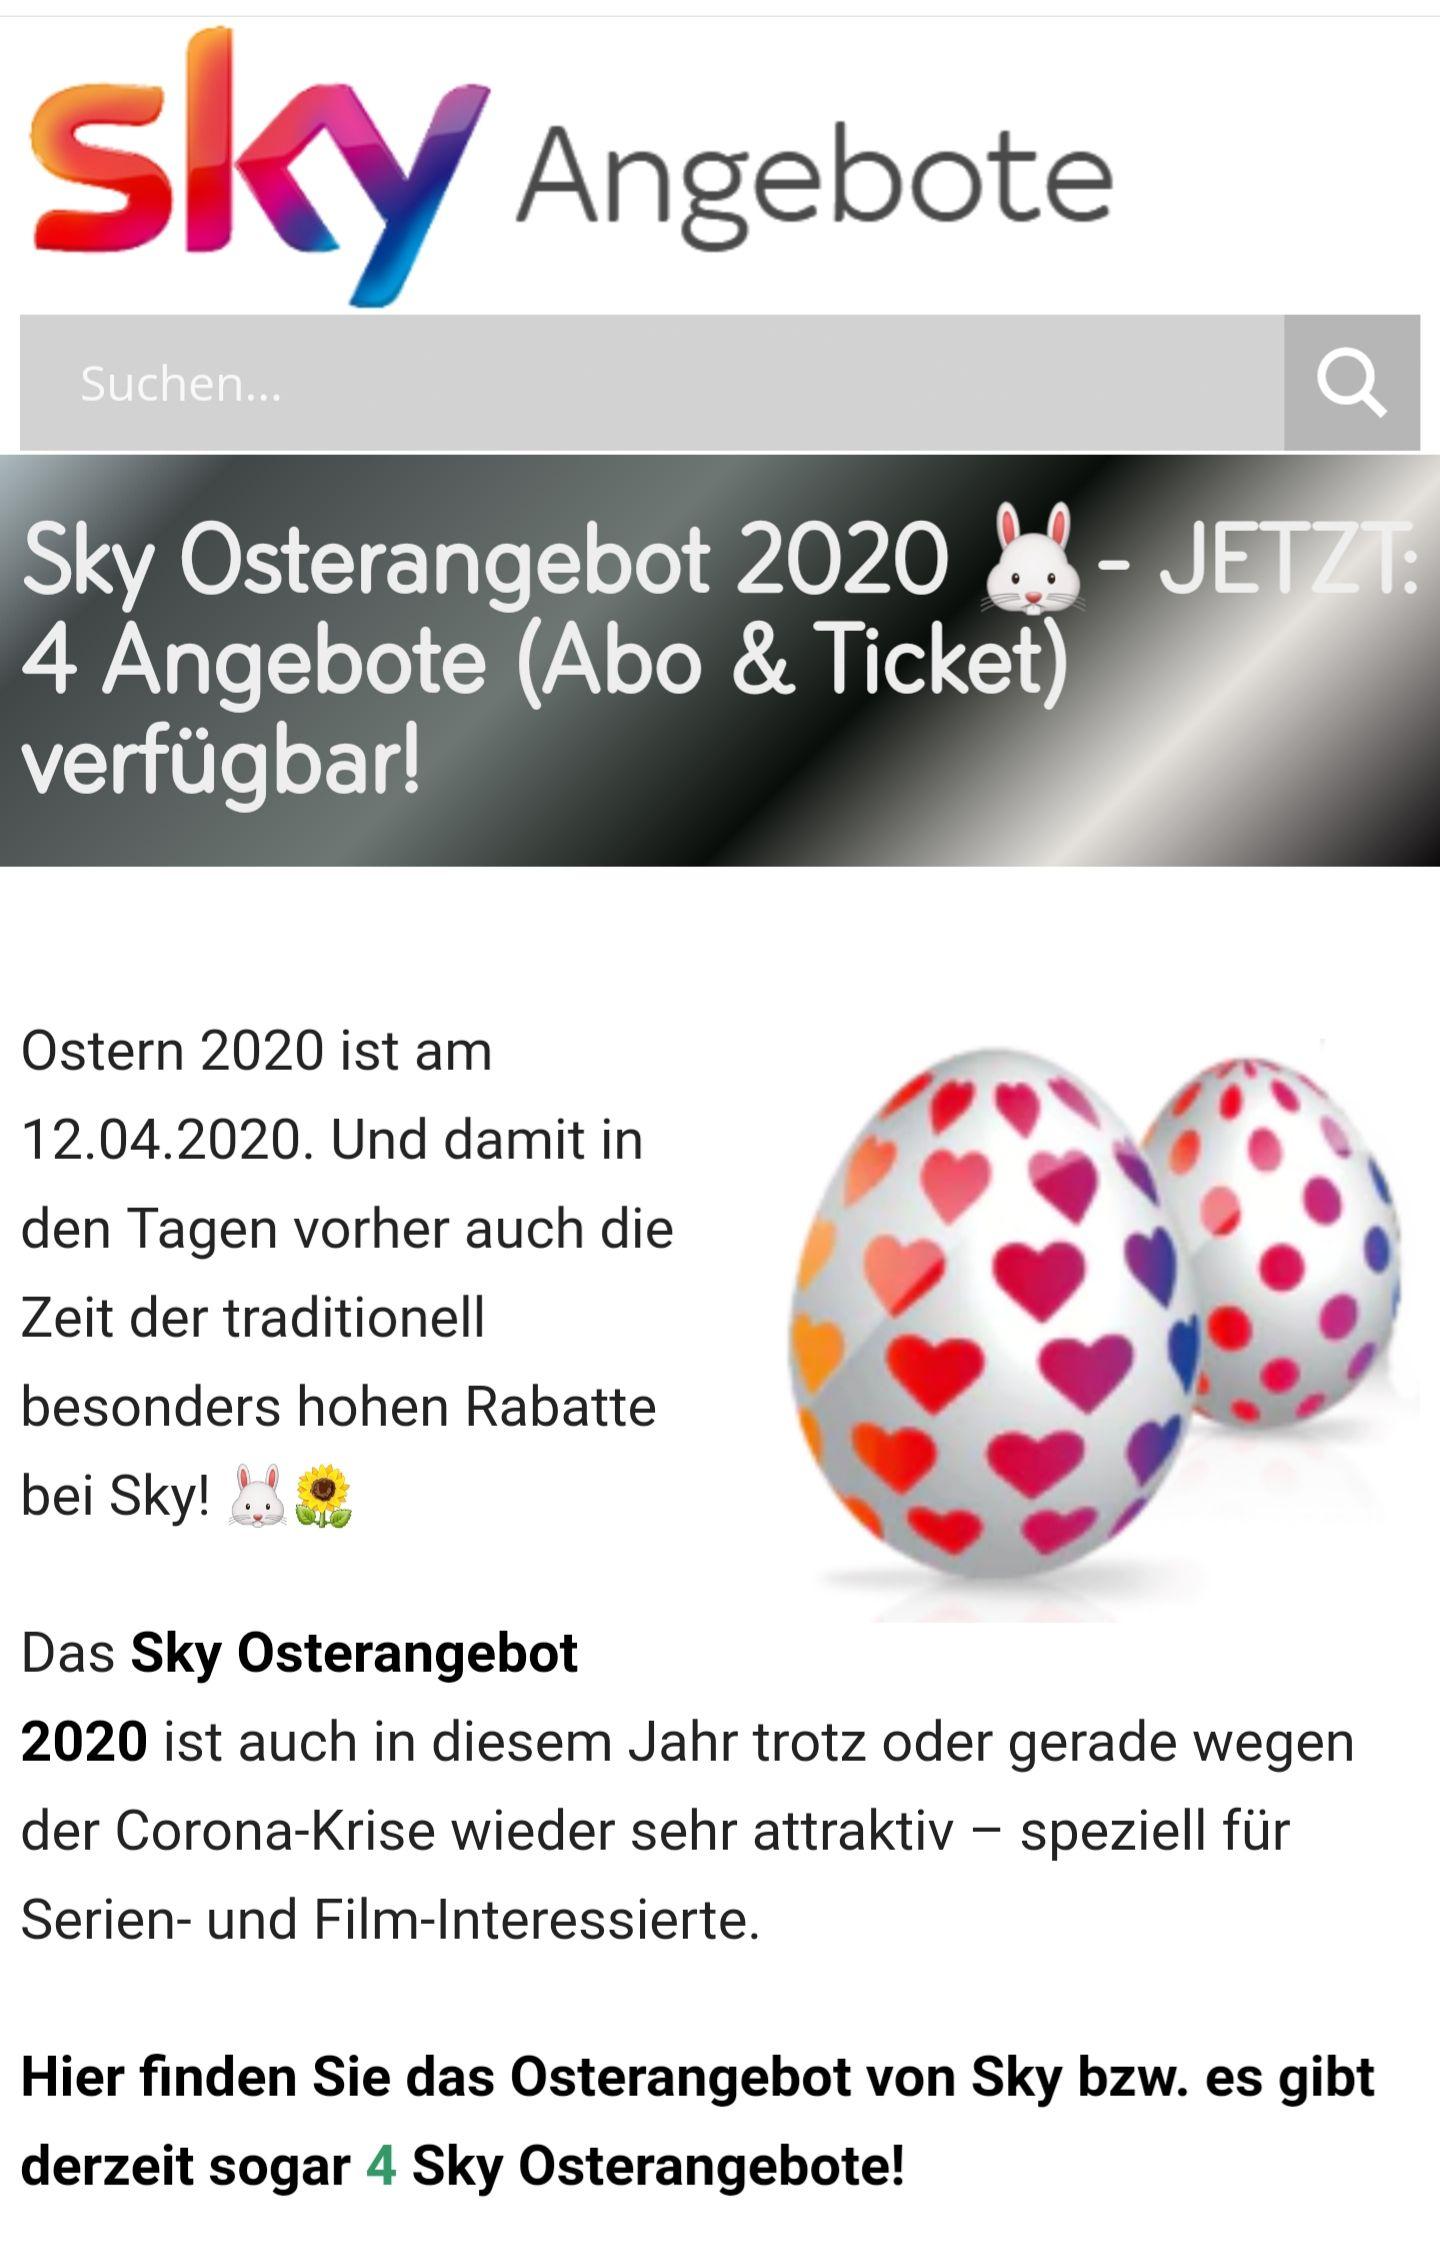 Sky Osterangebot 4 Angebote Abo&Ticket Verfügbar. 24,99 statt 47,99 für Sky Entertainment Plus inkl Netflix und Sky Cinema !